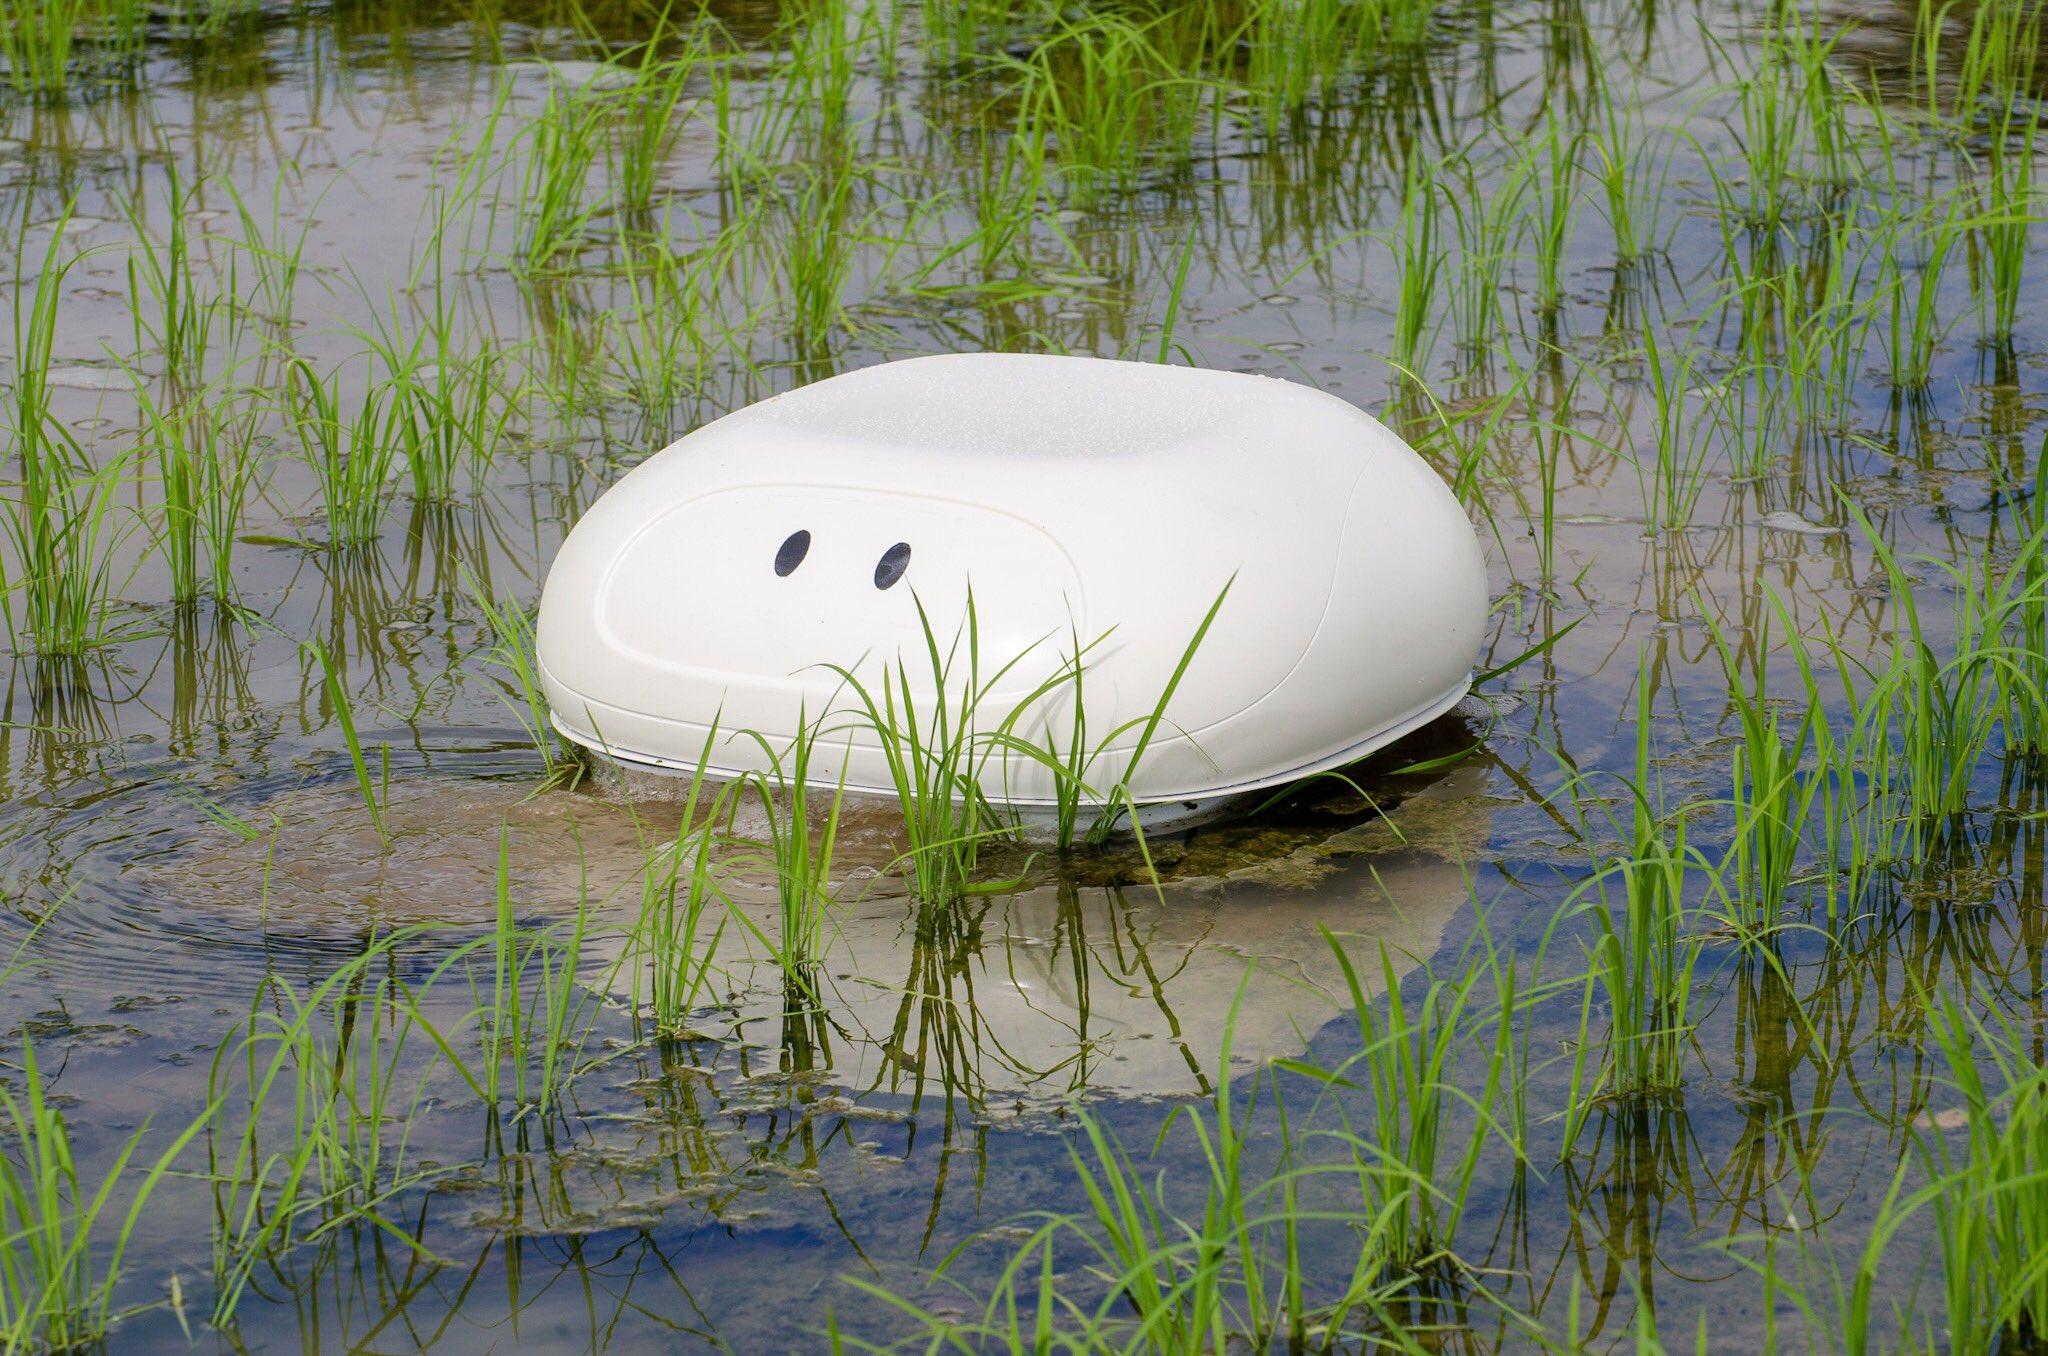 Робот баламут Nissan - эффективное средство для борьбы с сорняками на рисовых полях